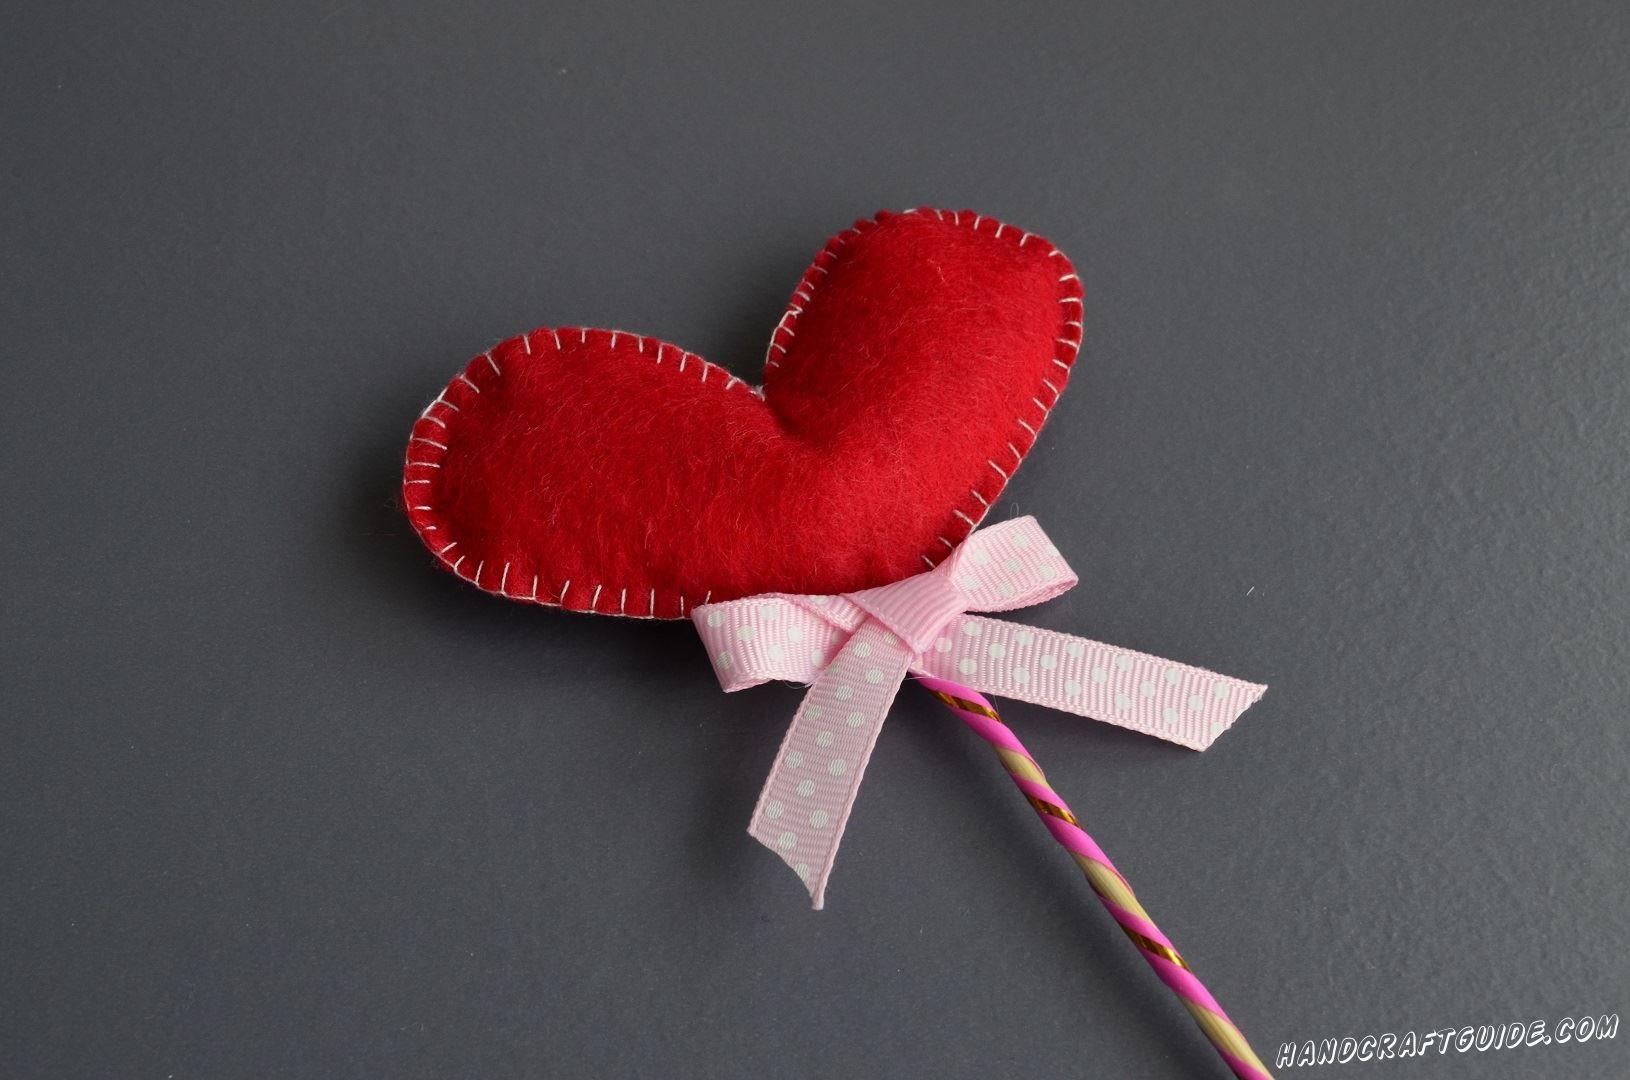 сердечко из ткани для подарка